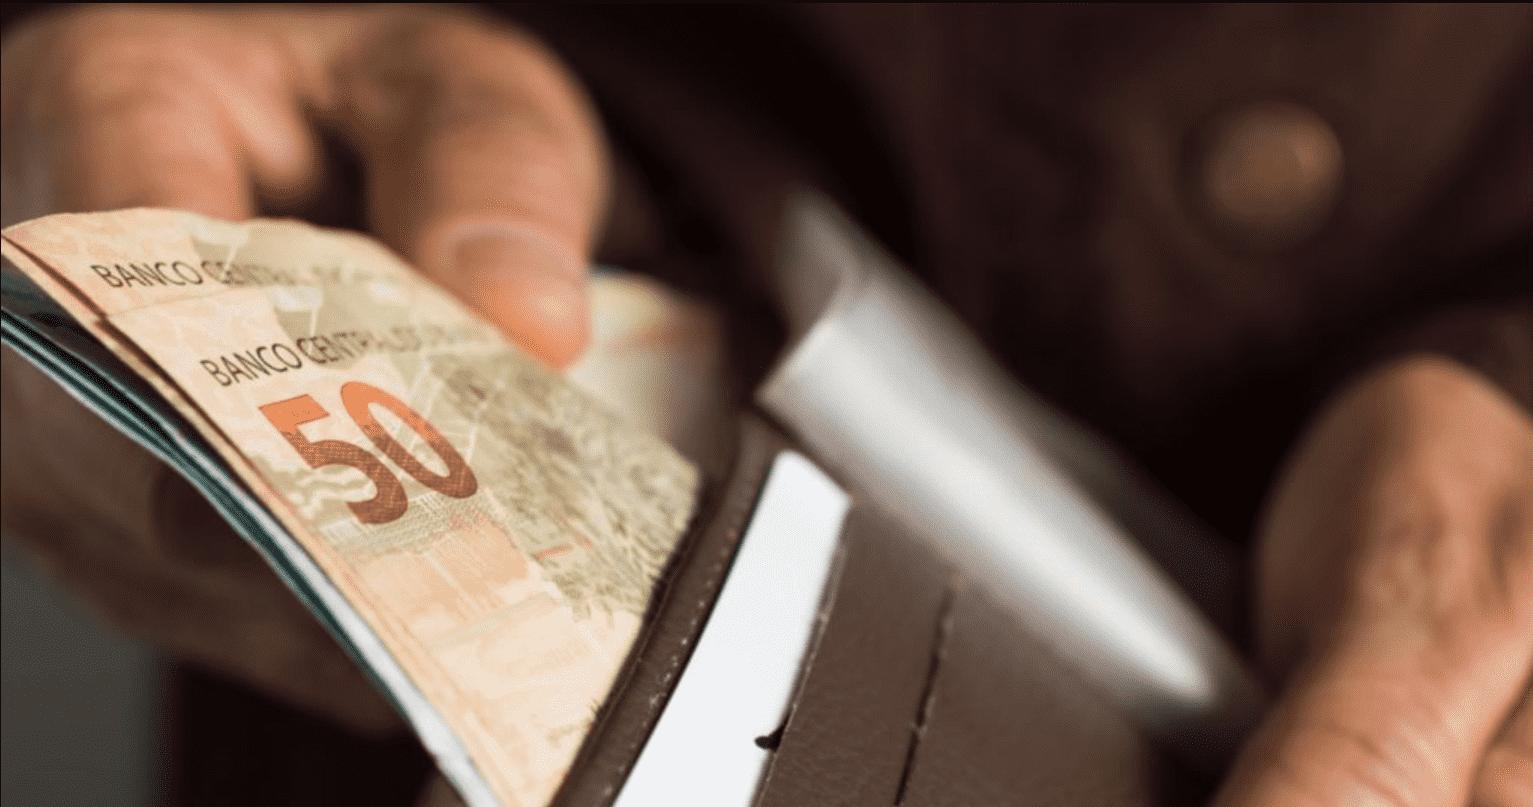 Imagem mostra mão colocando notas de 50 reais em uma carteira.